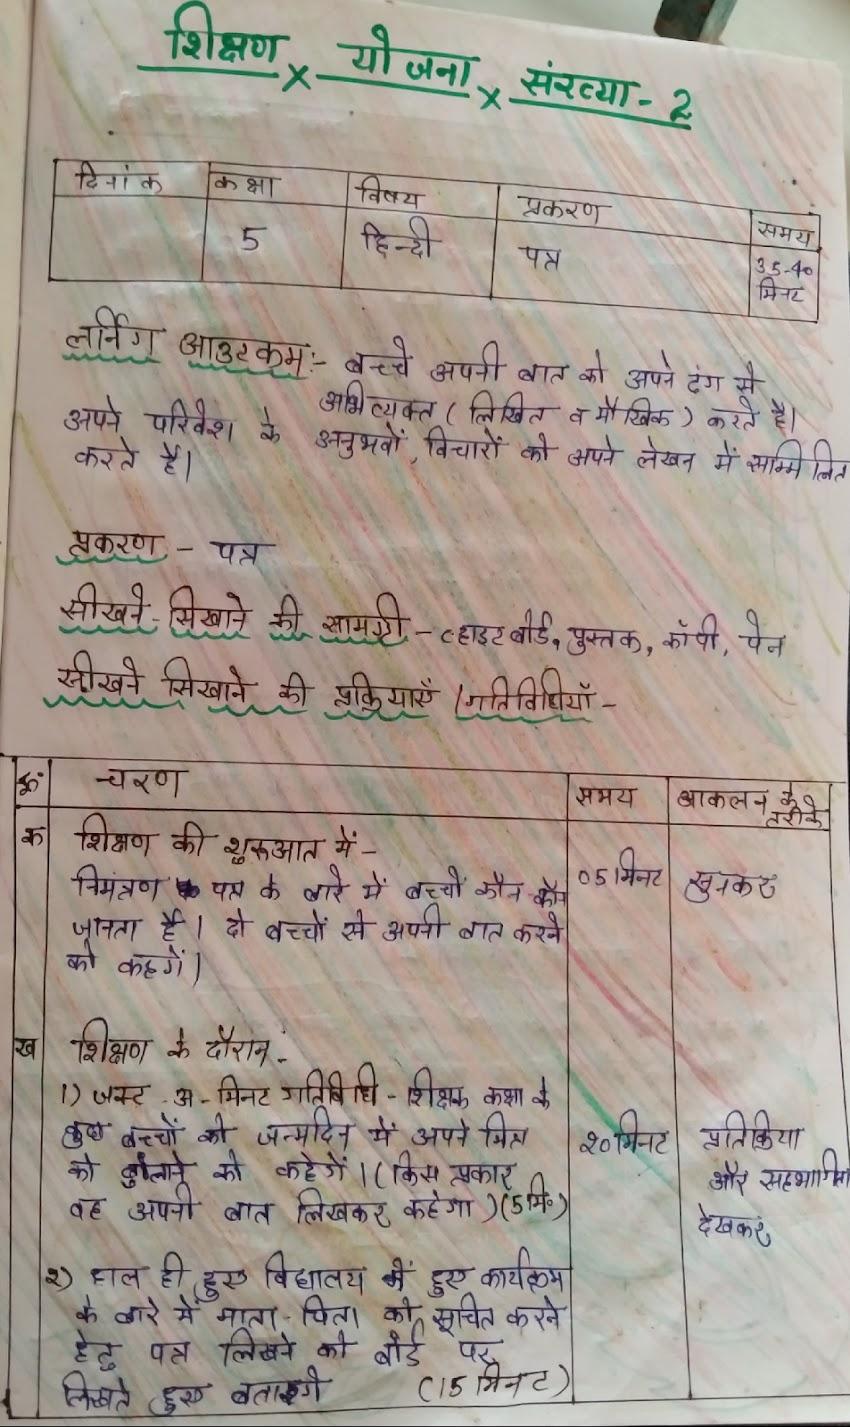 शिक्षण योजना हिन्दी टीचिंग प्लान